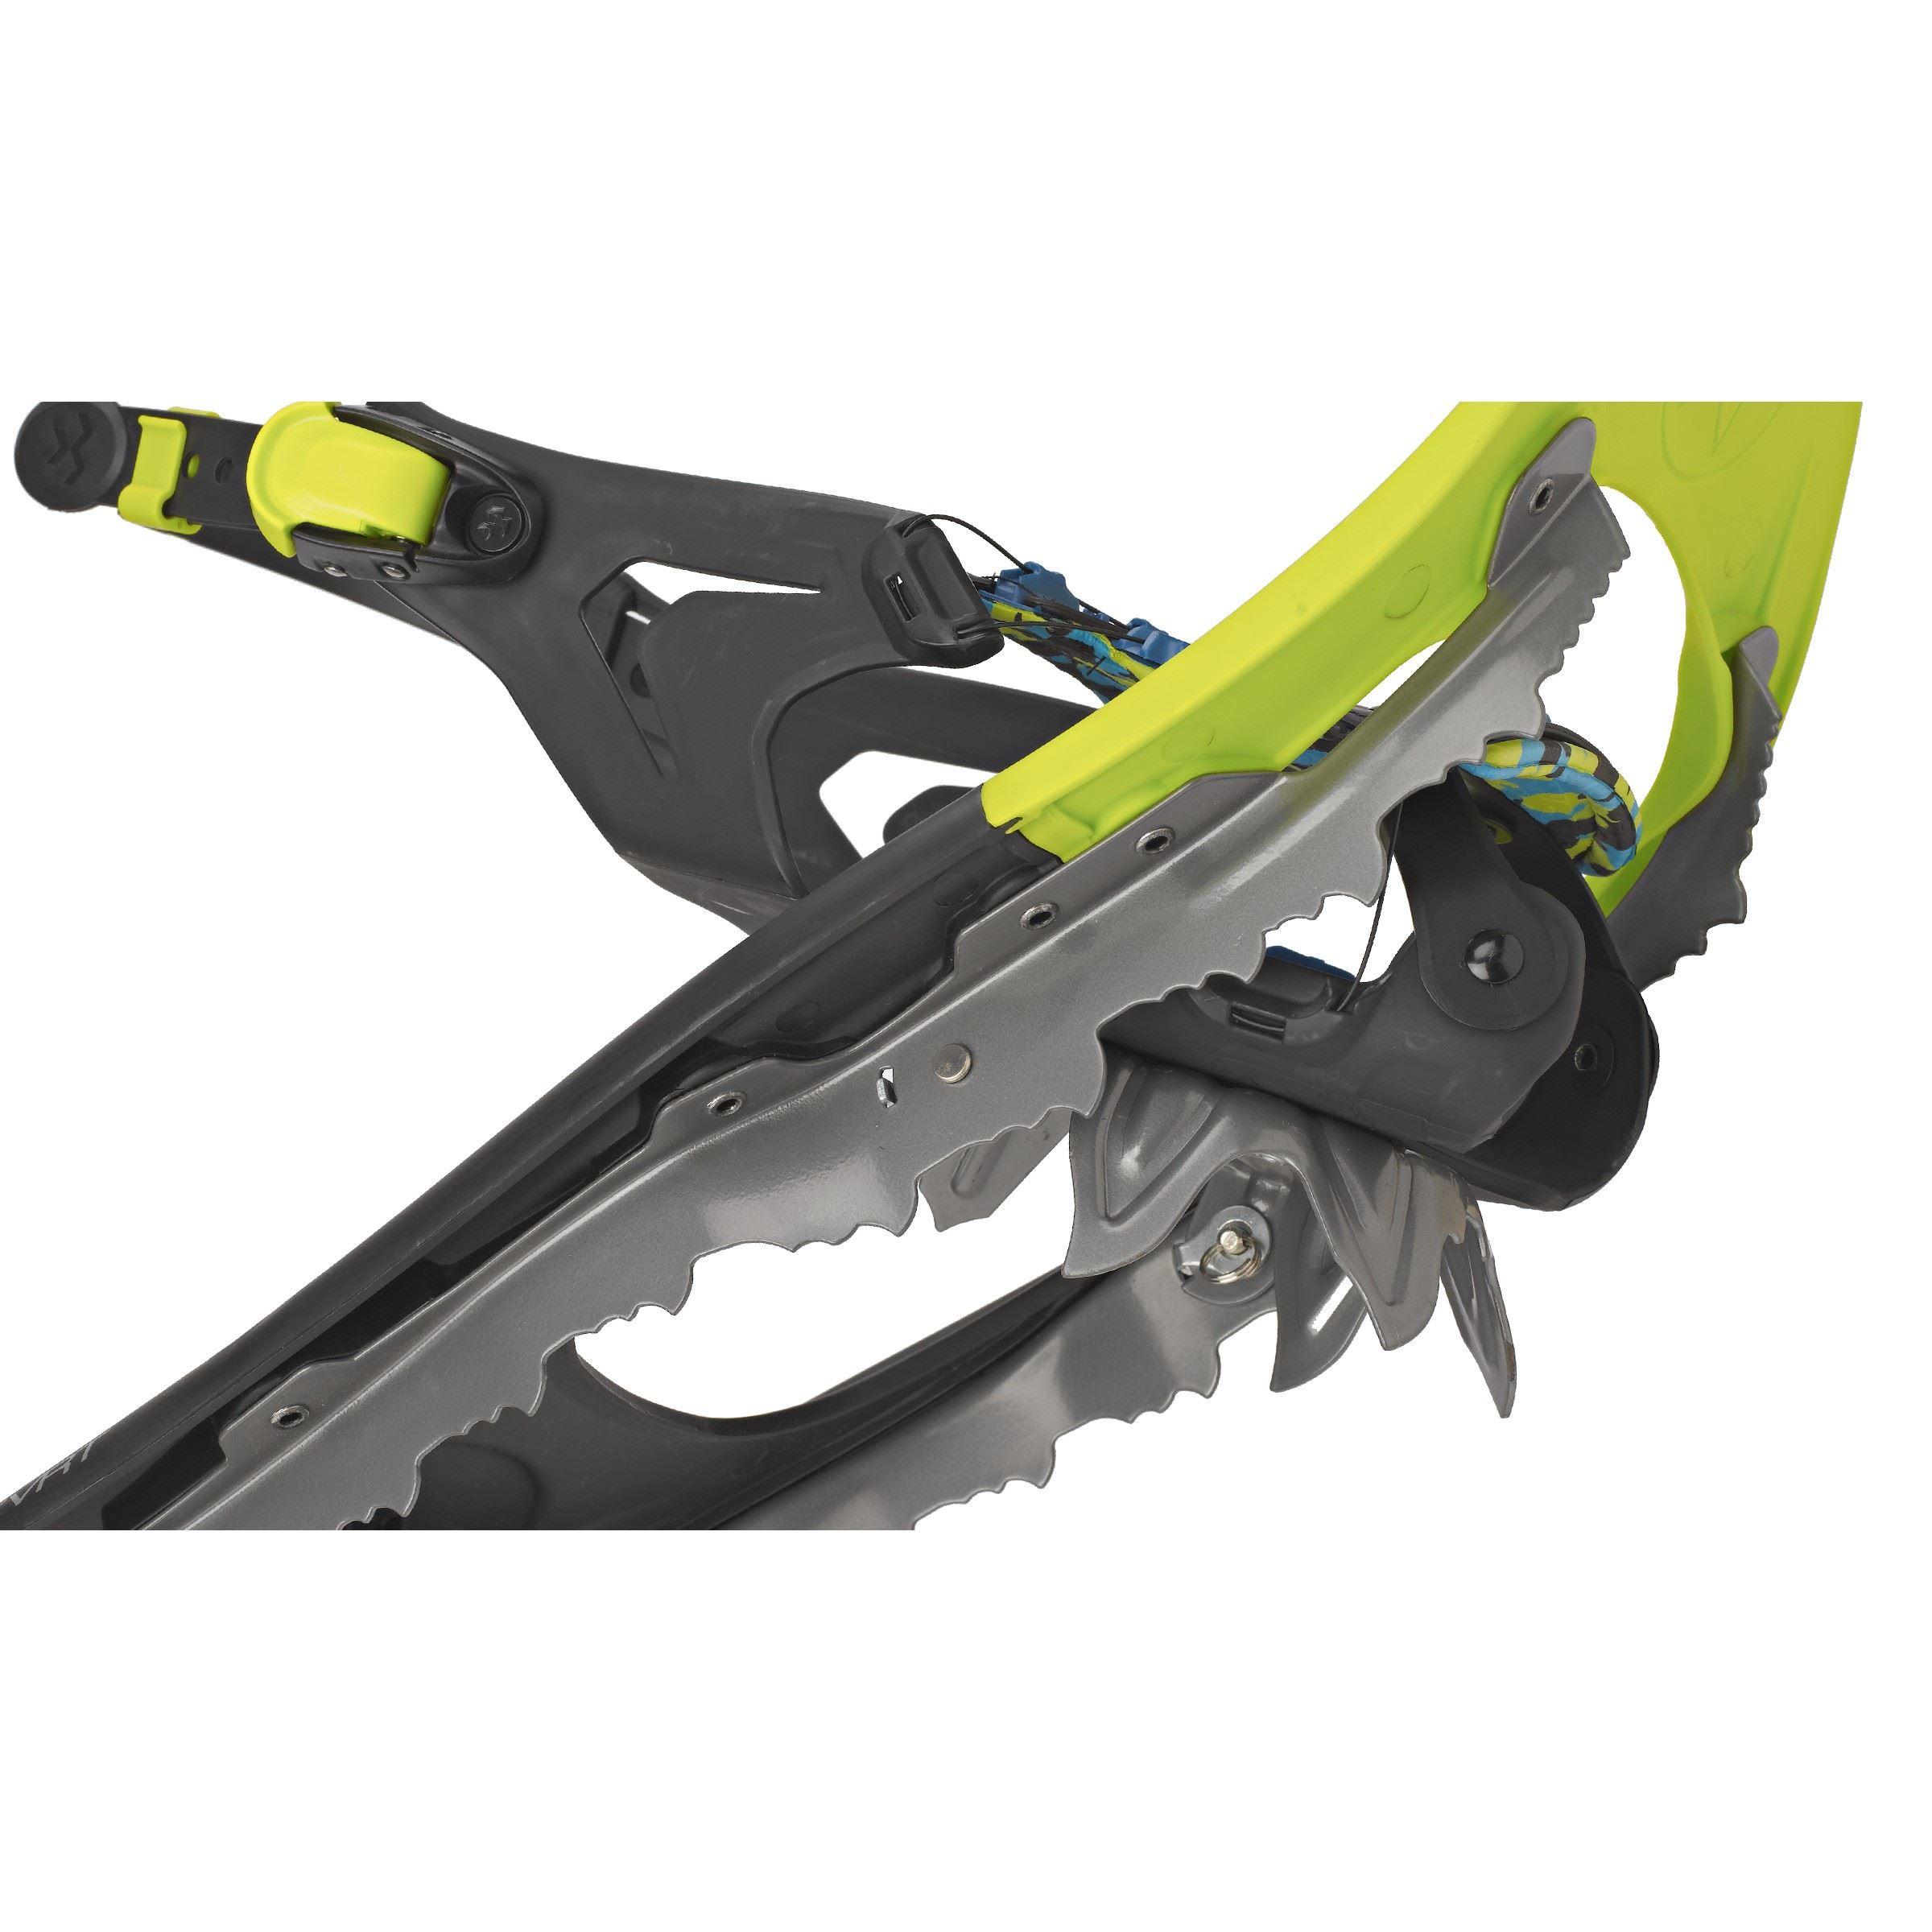 107. Snowshoe package: Snowshoes Tubbs Flex VRT